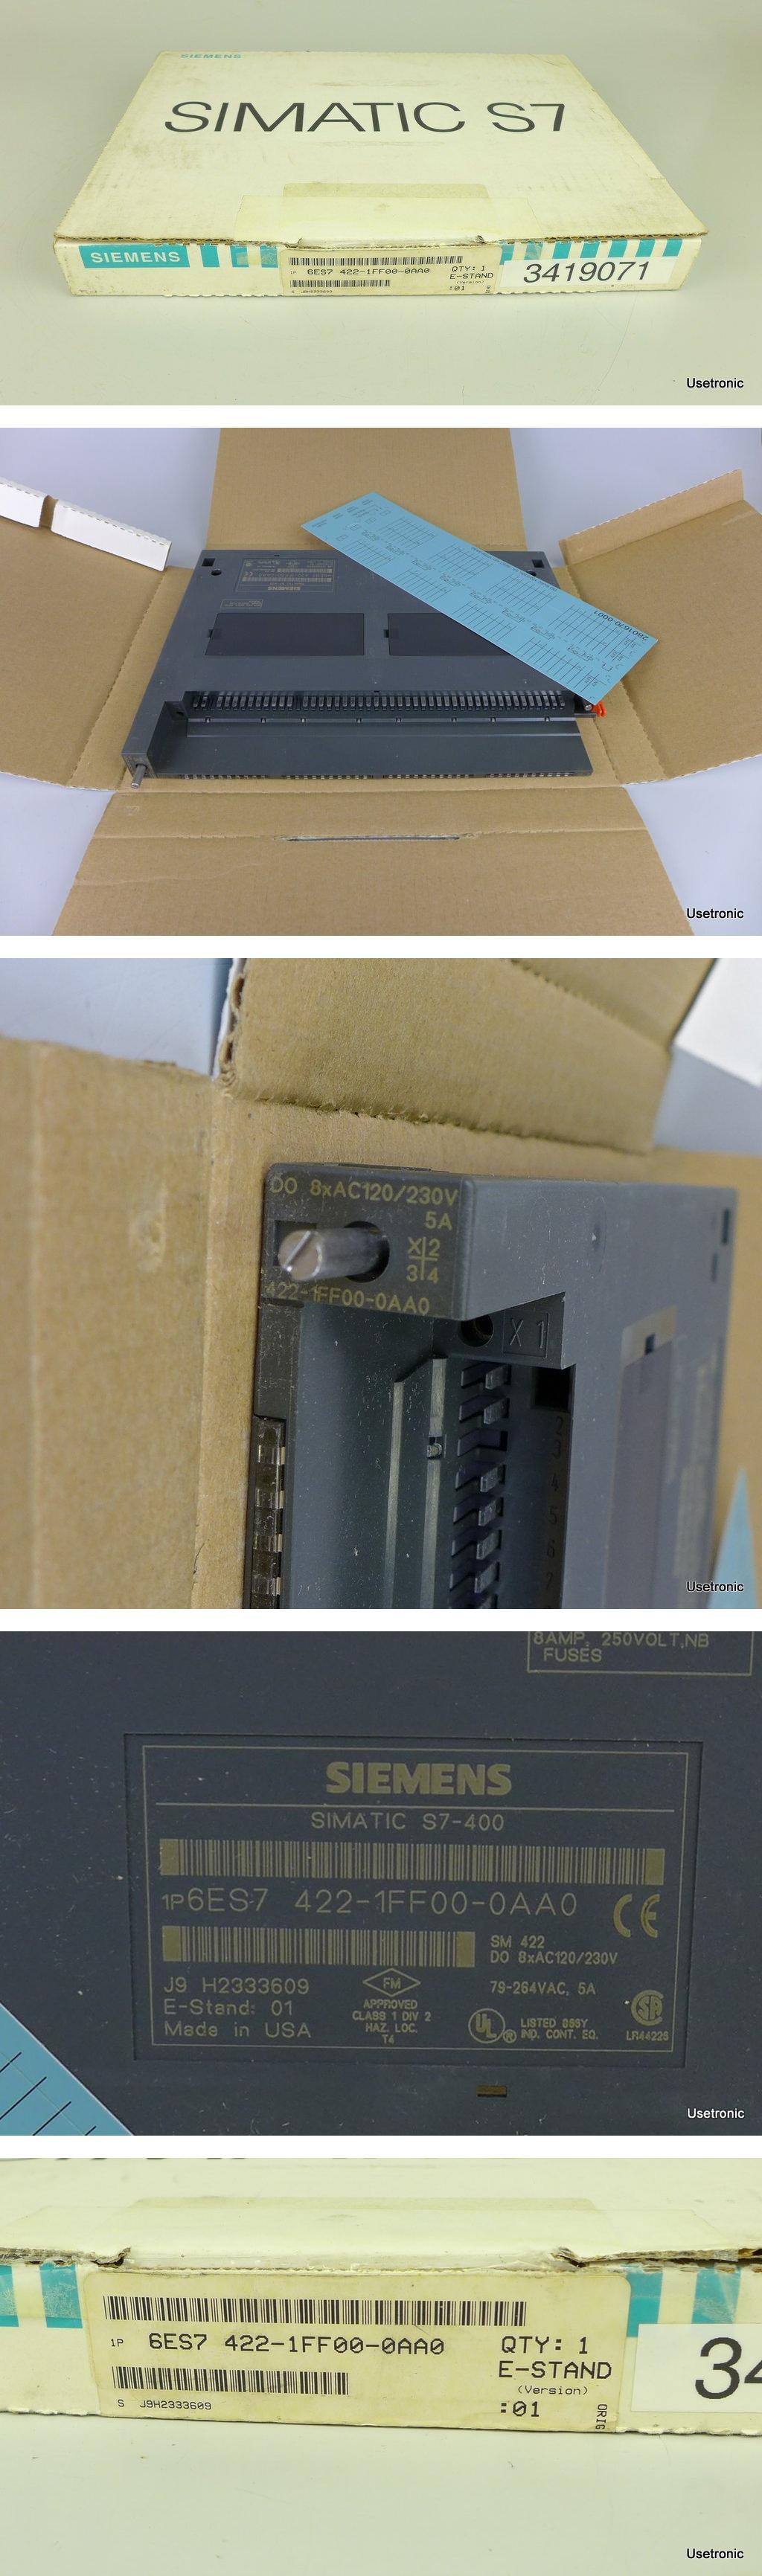 Siemens 6ES7422-1FF00-0AA0